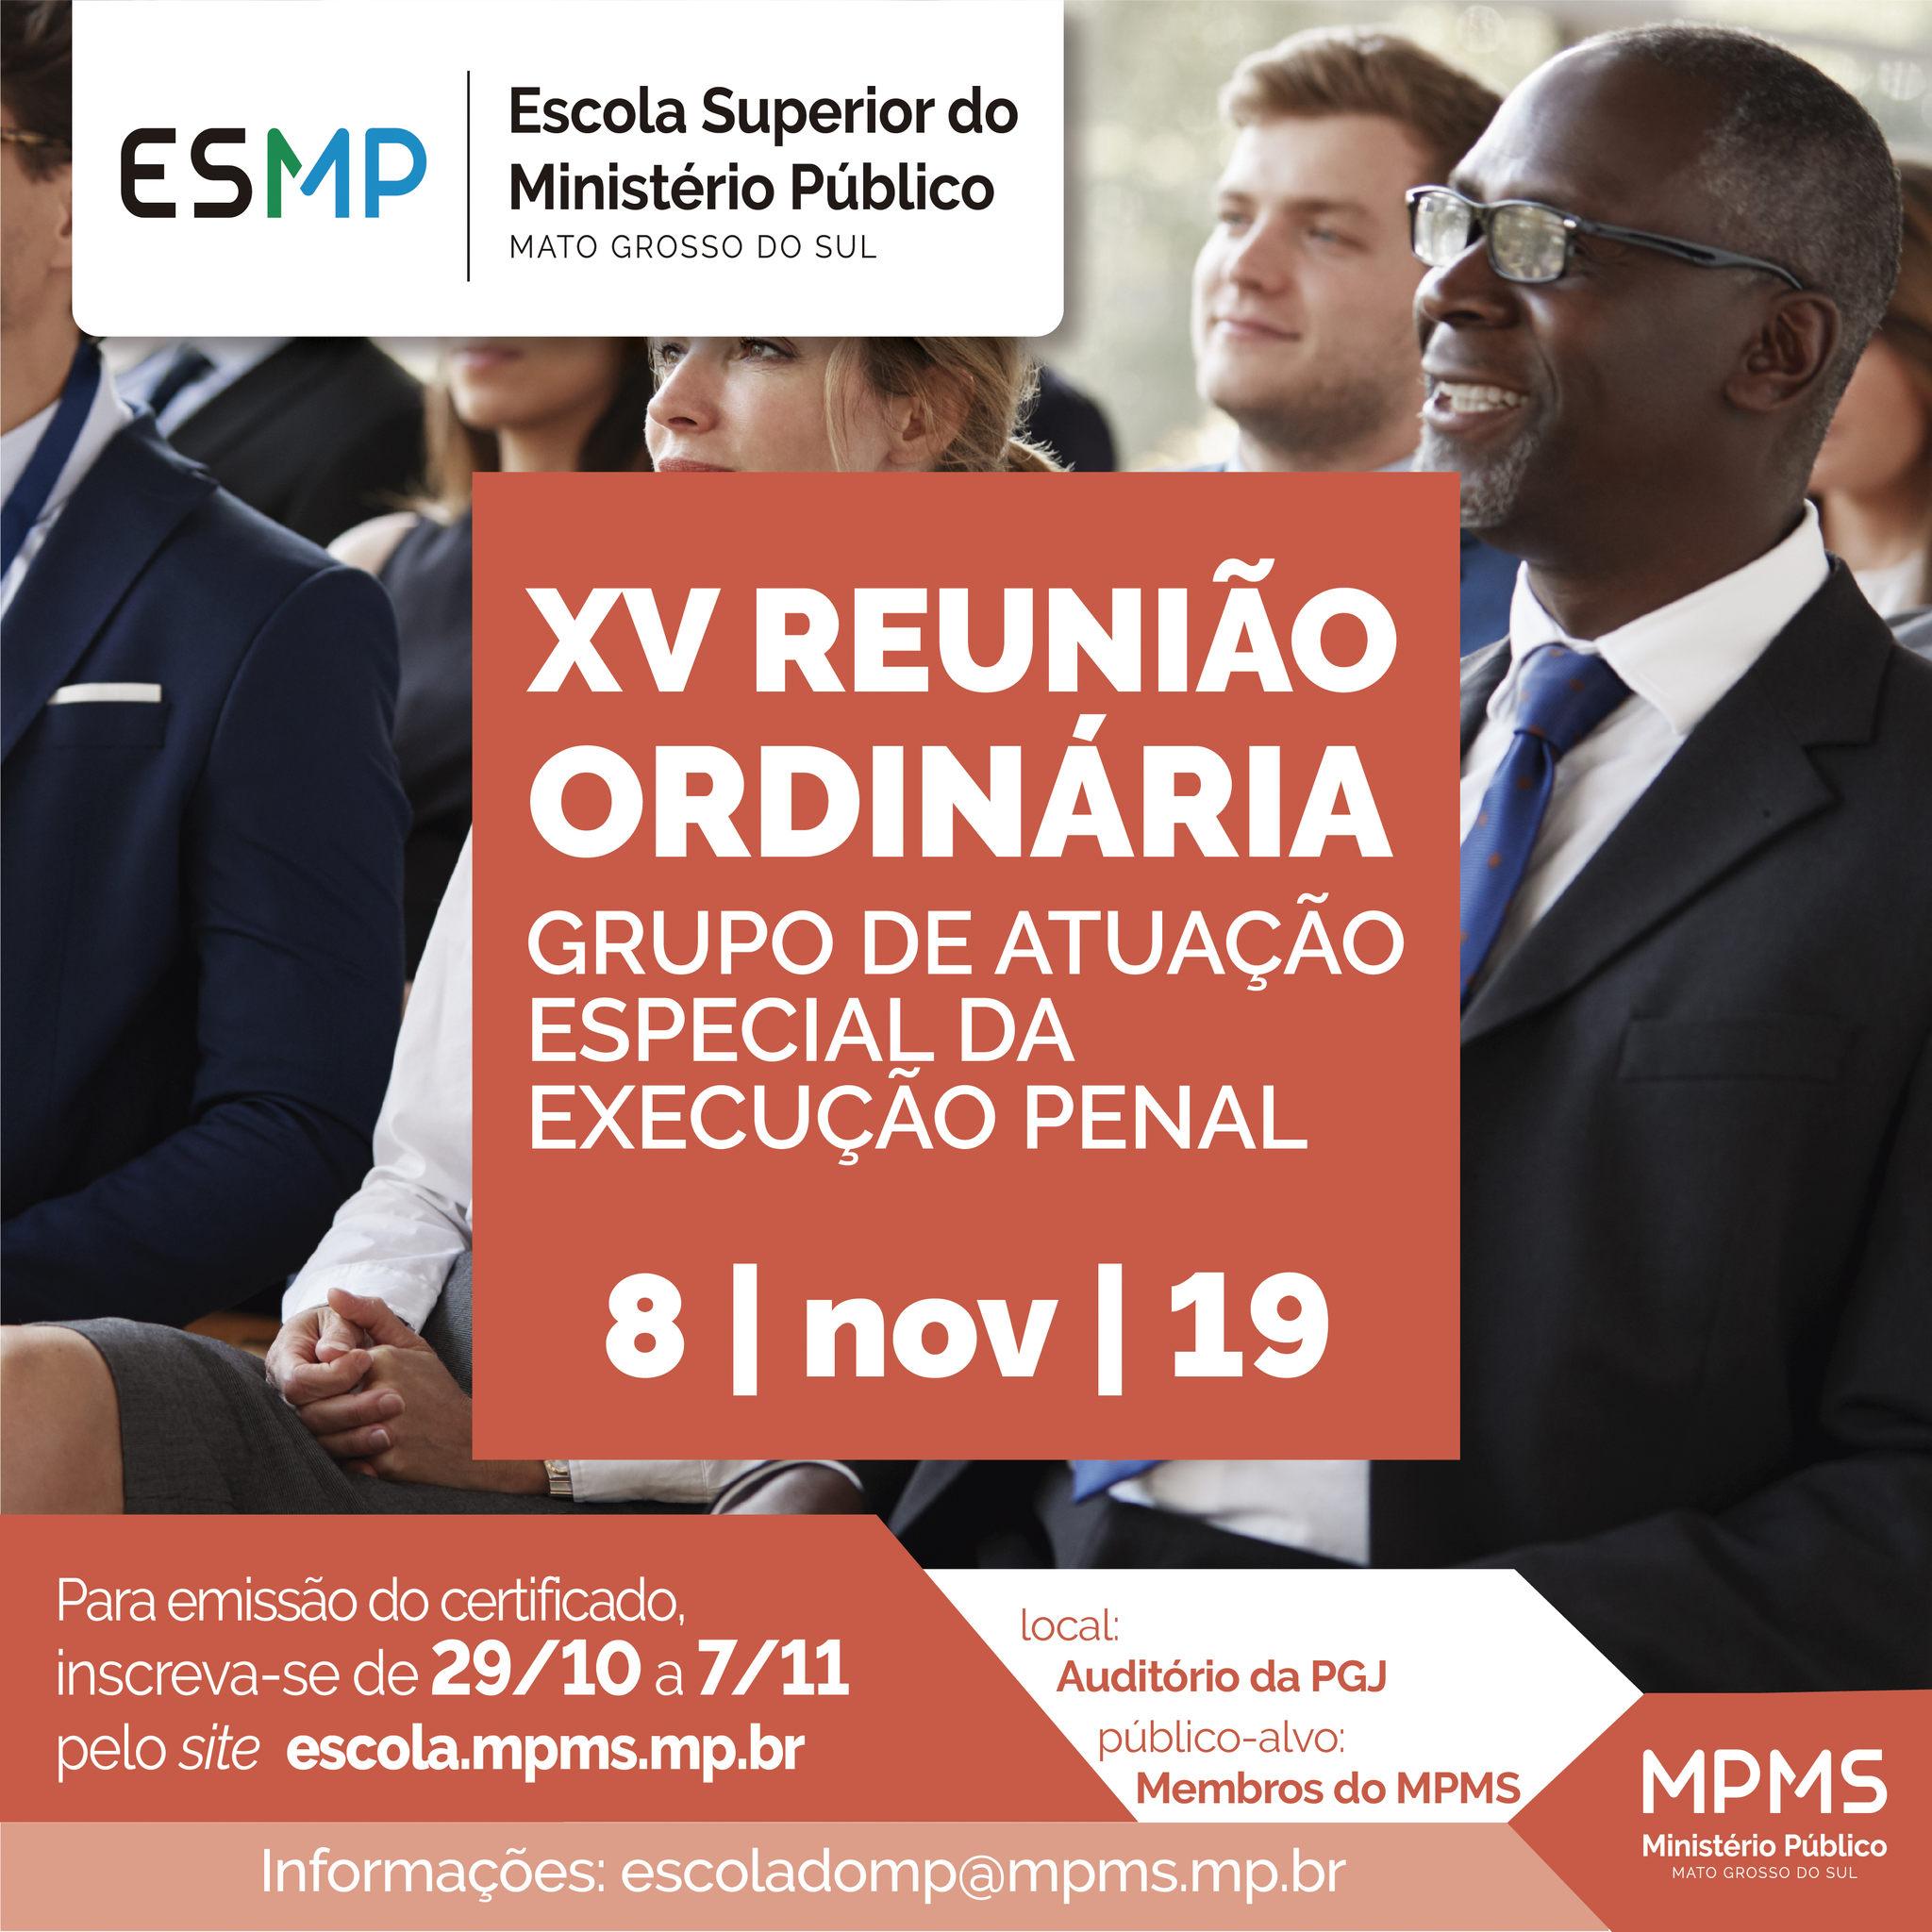 XV Reunião Ordinária - Grupo de Atuação Especial da Execução Penal